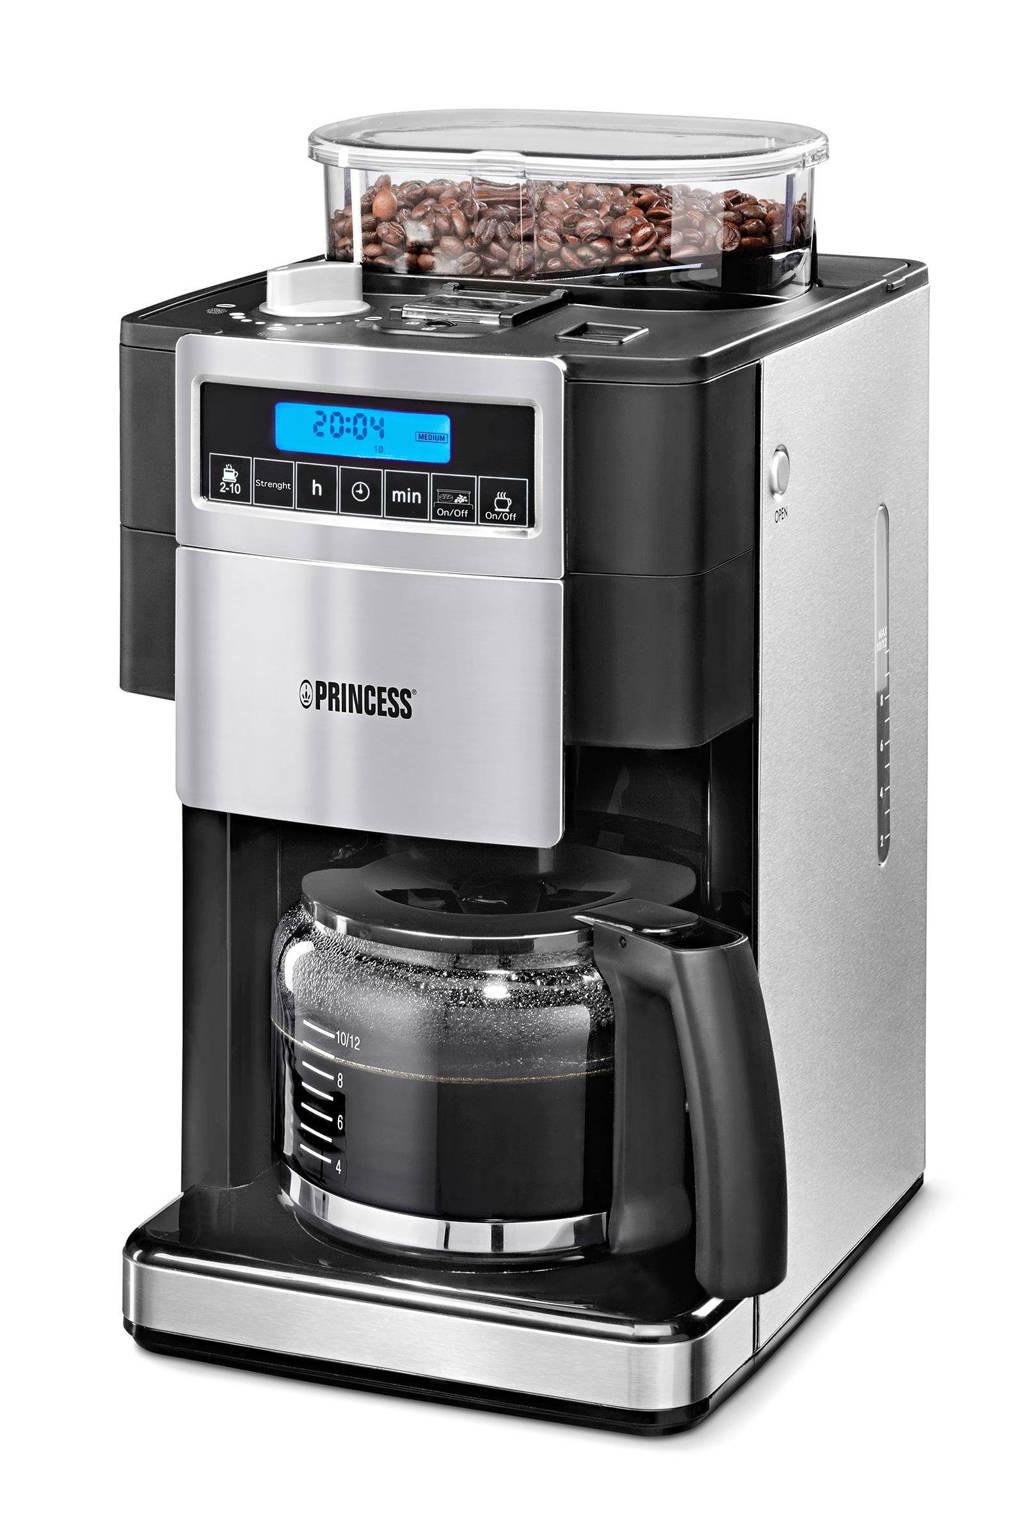 Princess Coffee Maker and Grind DeLuxe -249402 koffiezetapparaat, Zwart, Roestvrij staal